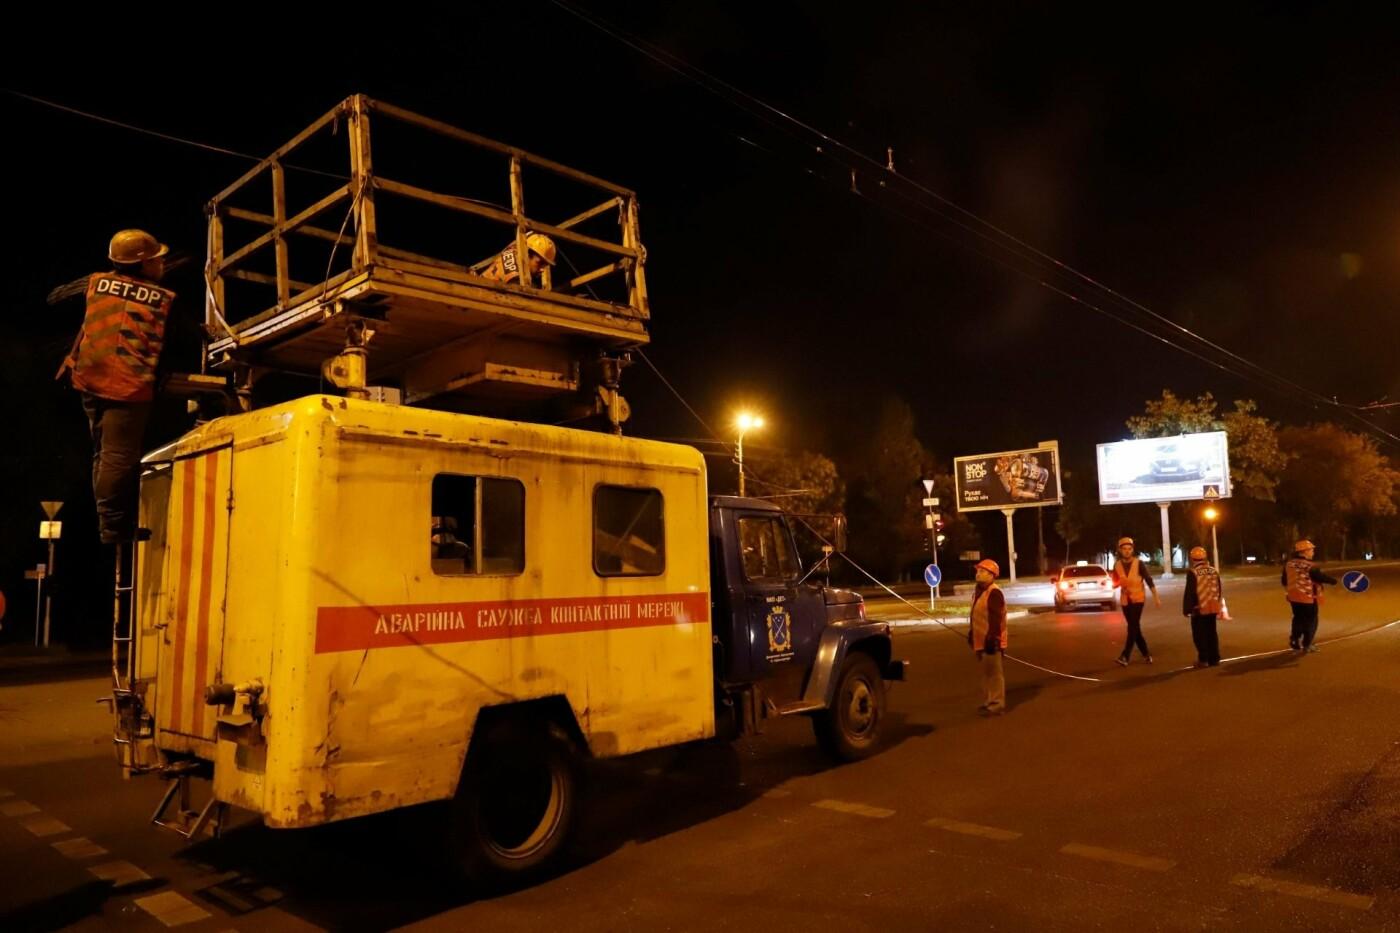 Этой ночью в Днепре заменили 350 метров контактной сети на трех троллейбусных маршрутах, - ФОТО, фото-4